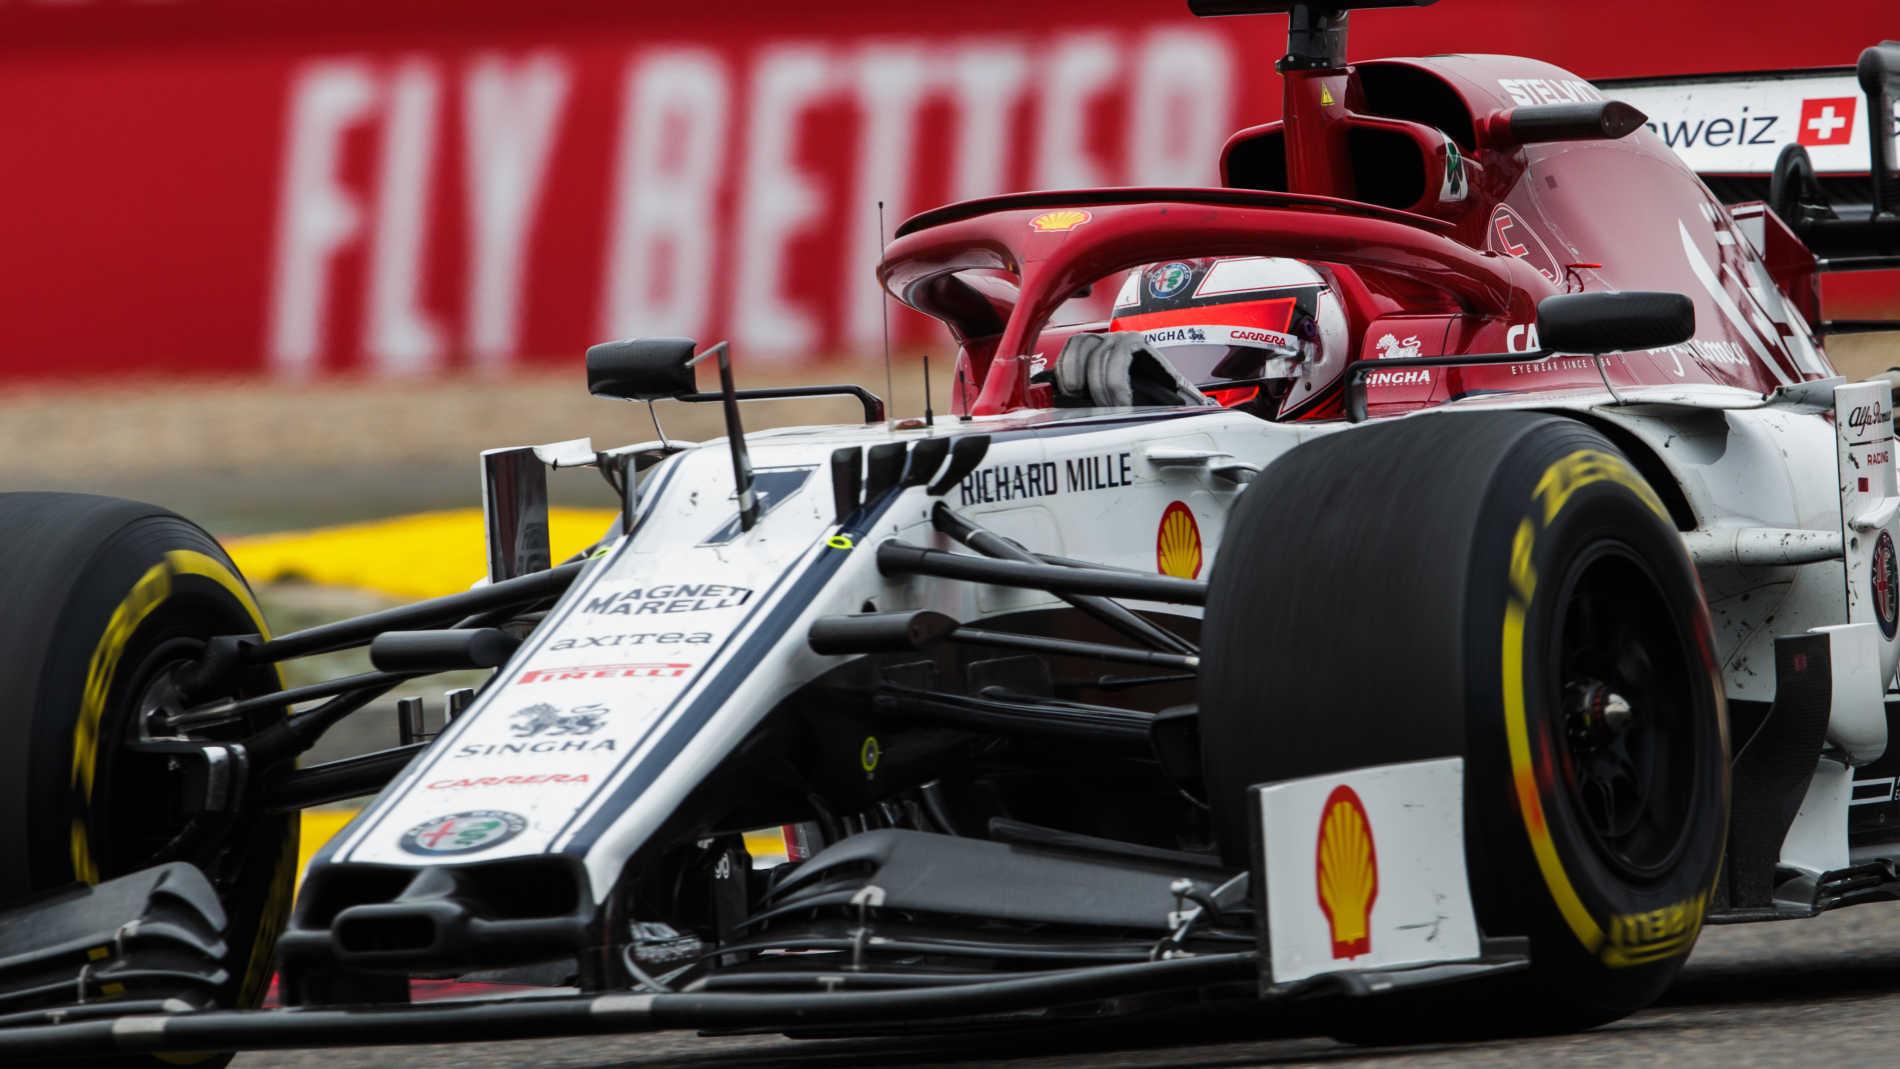 2019 Chinese GP